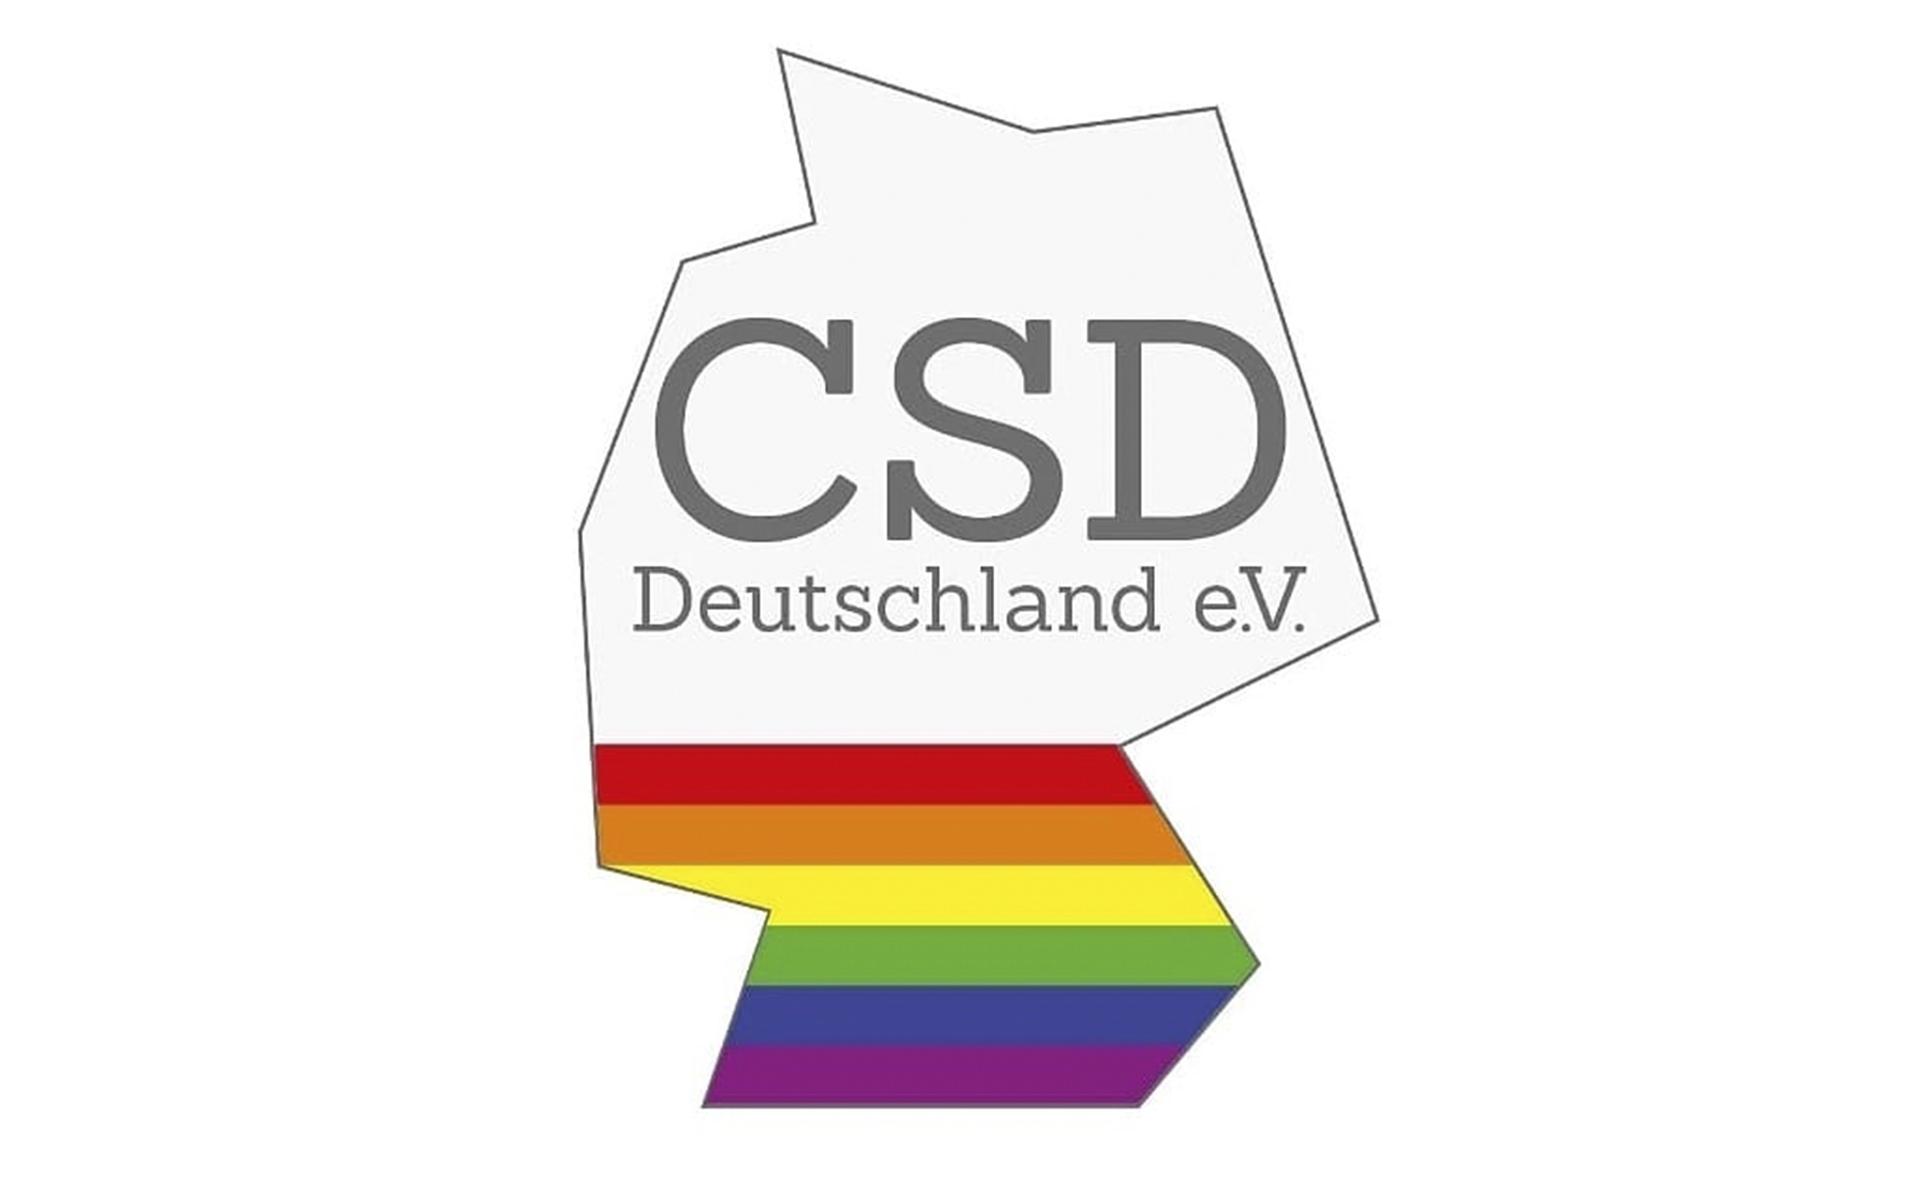 csd-deutschland-logo3